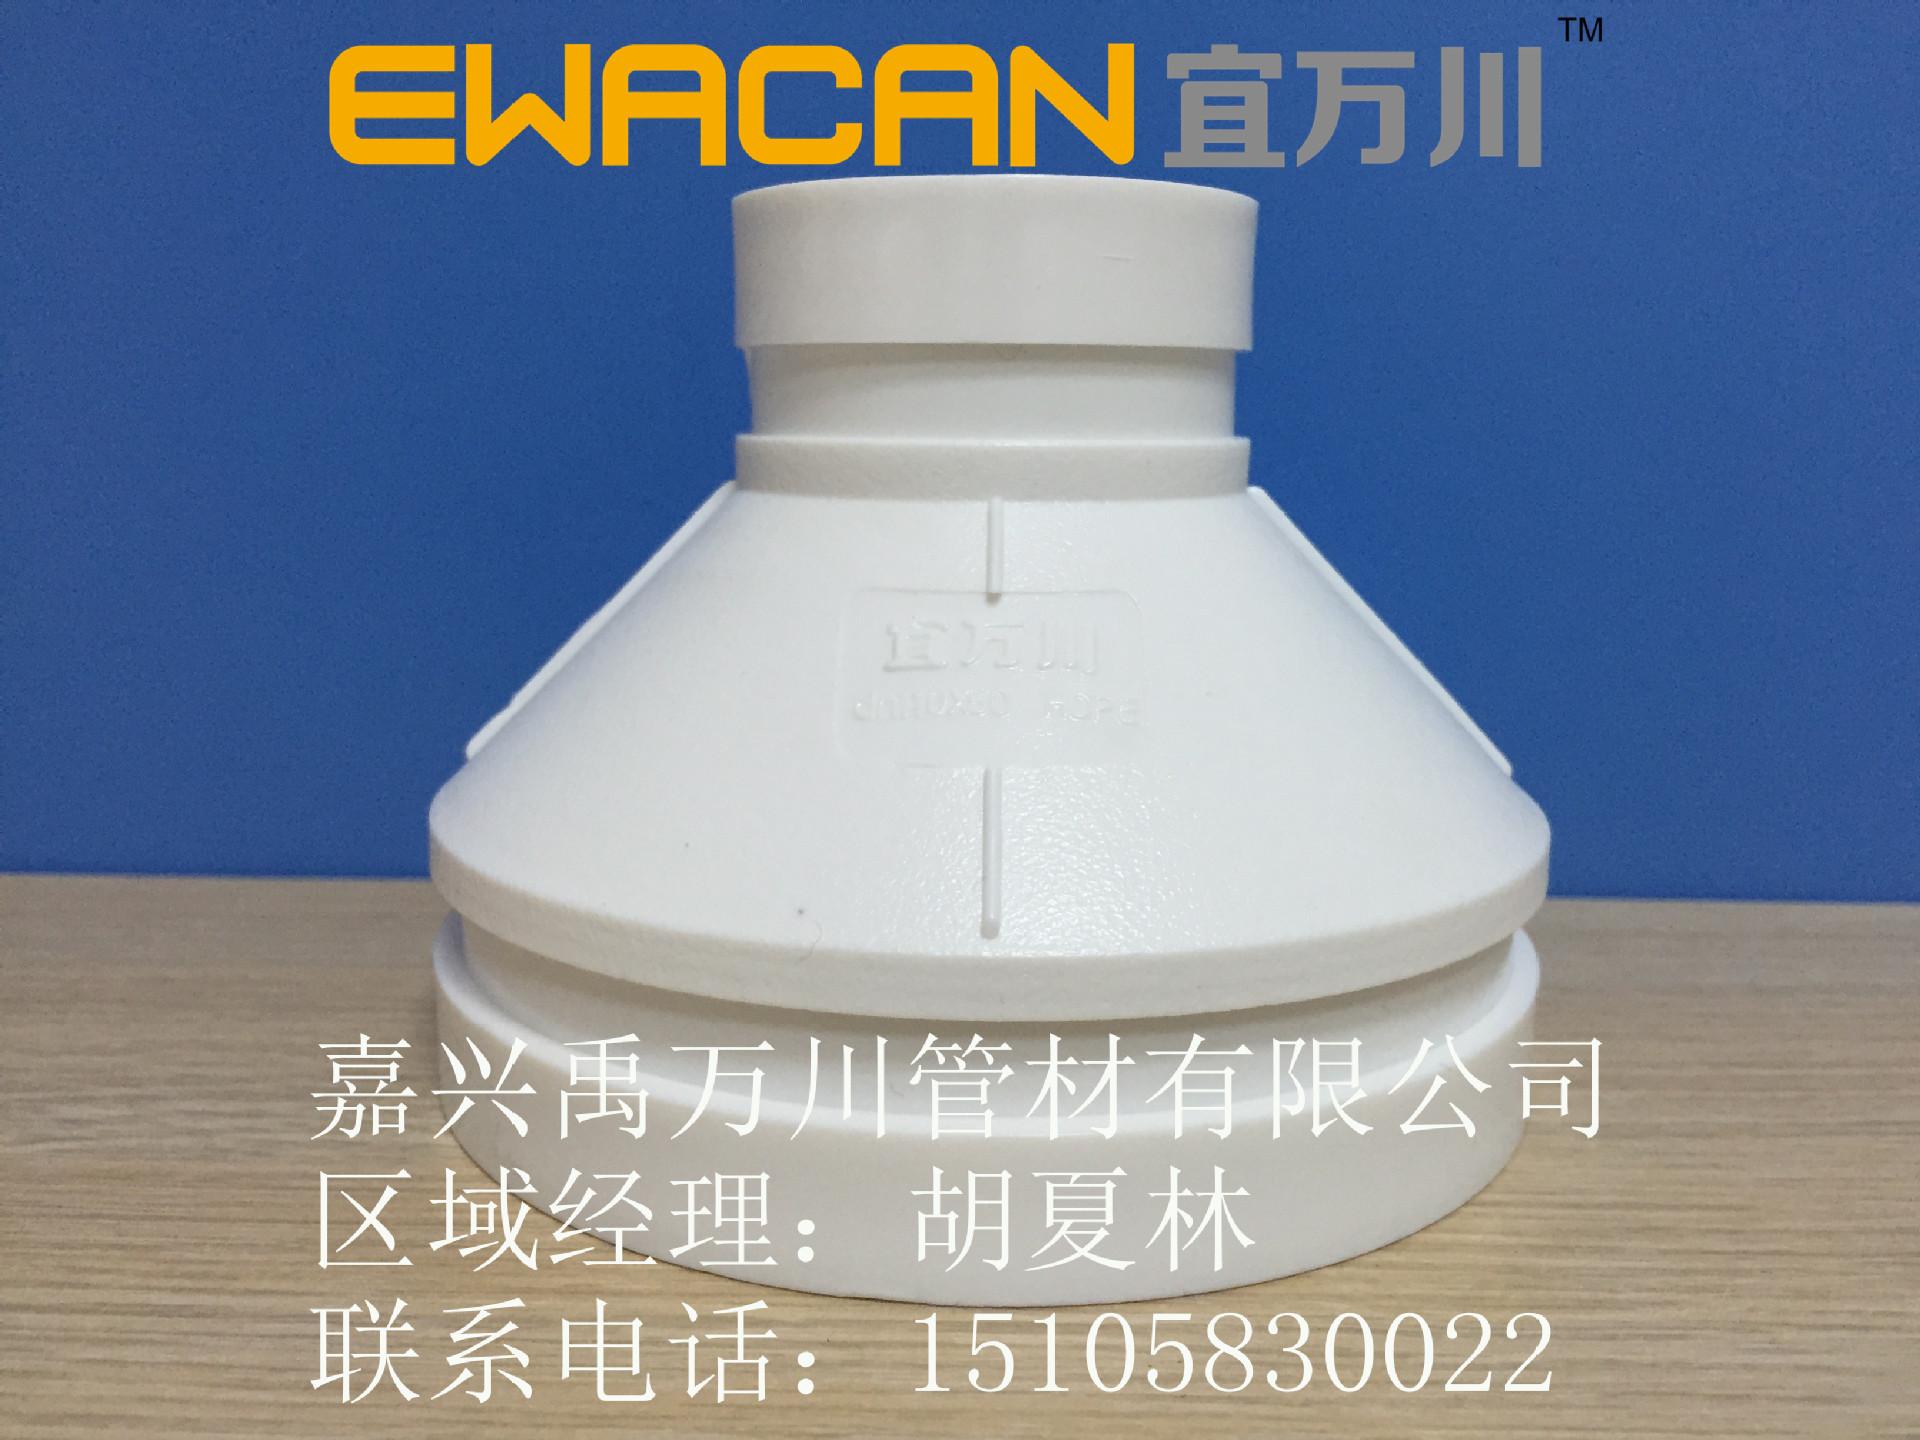 沟槽式HDPE超静音排水管,HDPE沟槽静音排水管,FRPP法兰静音排水示例图5